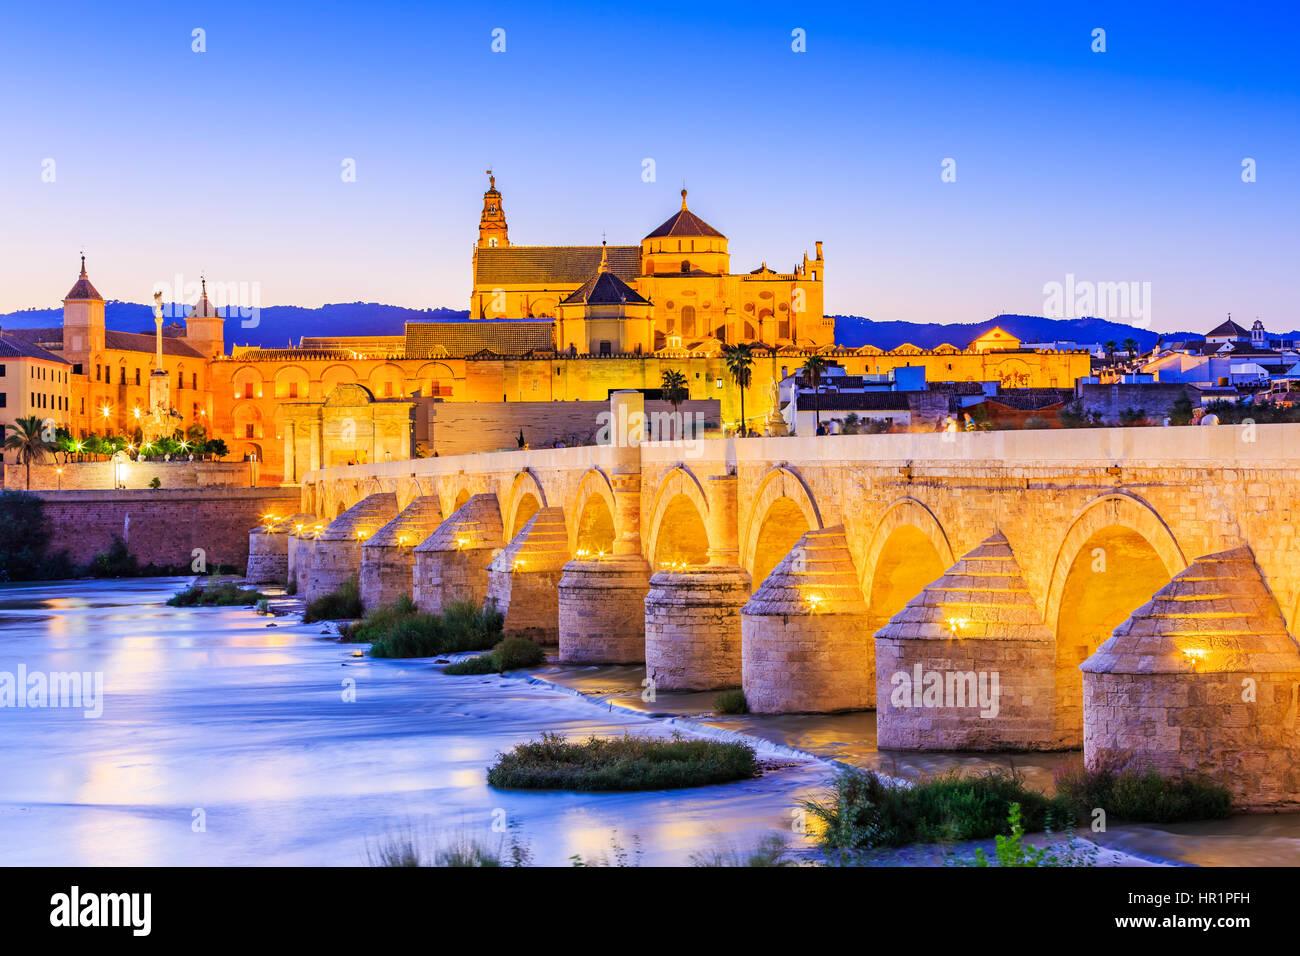 Cordoba, Spagna, Andalusia. Ponte romano sul fiume Guadalquivir e la Grande Moschea (Mezquita Cattedrale) Immagini Stock